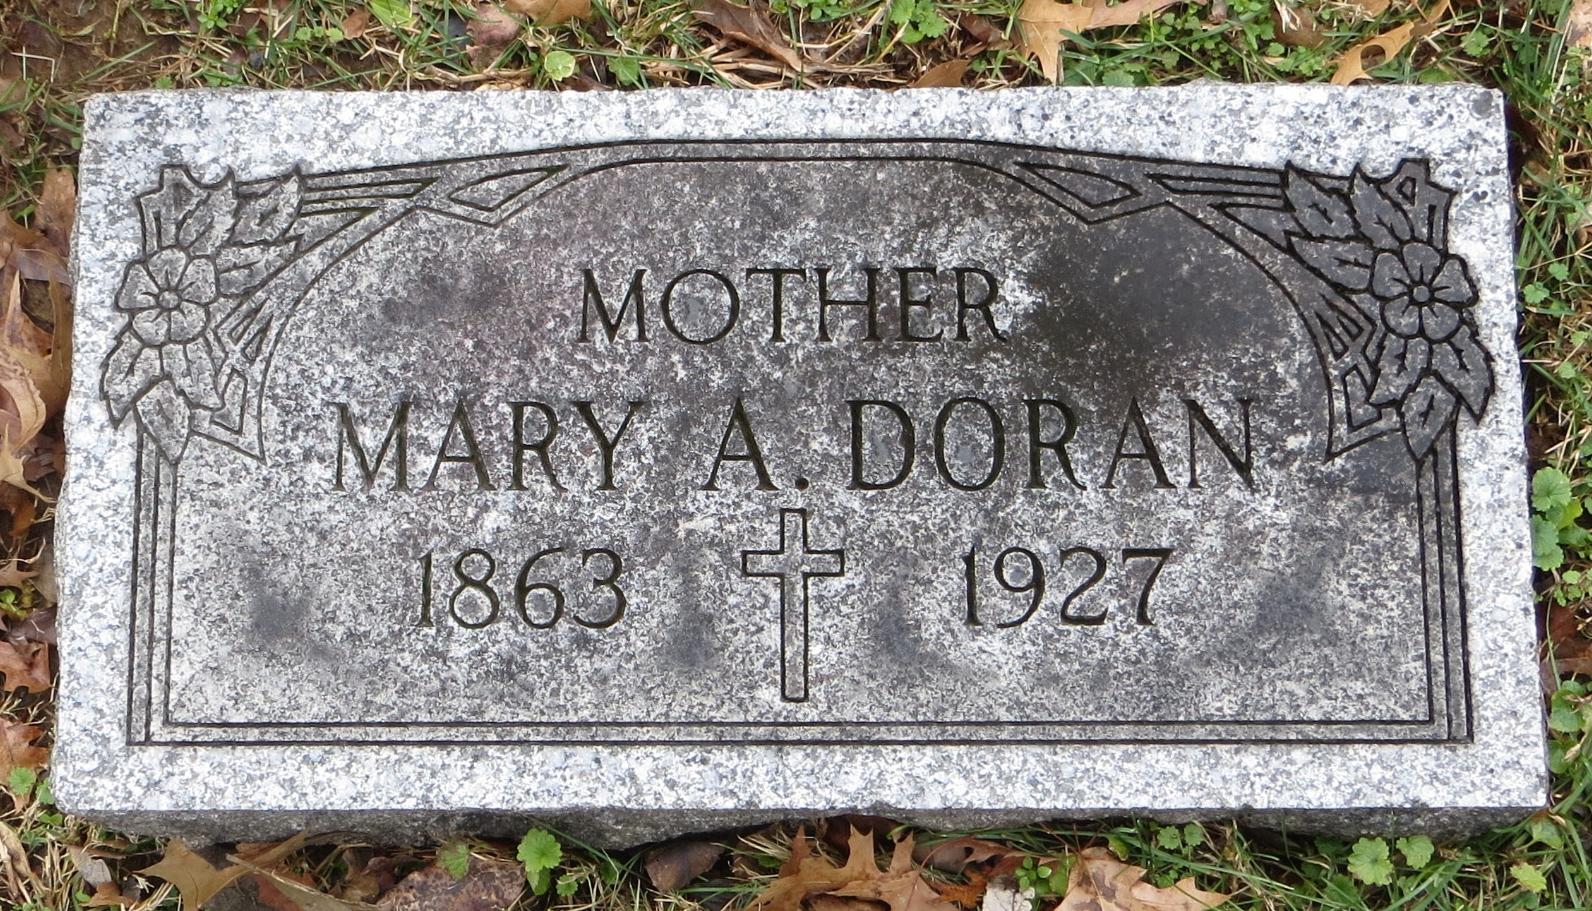 Mary A Doran